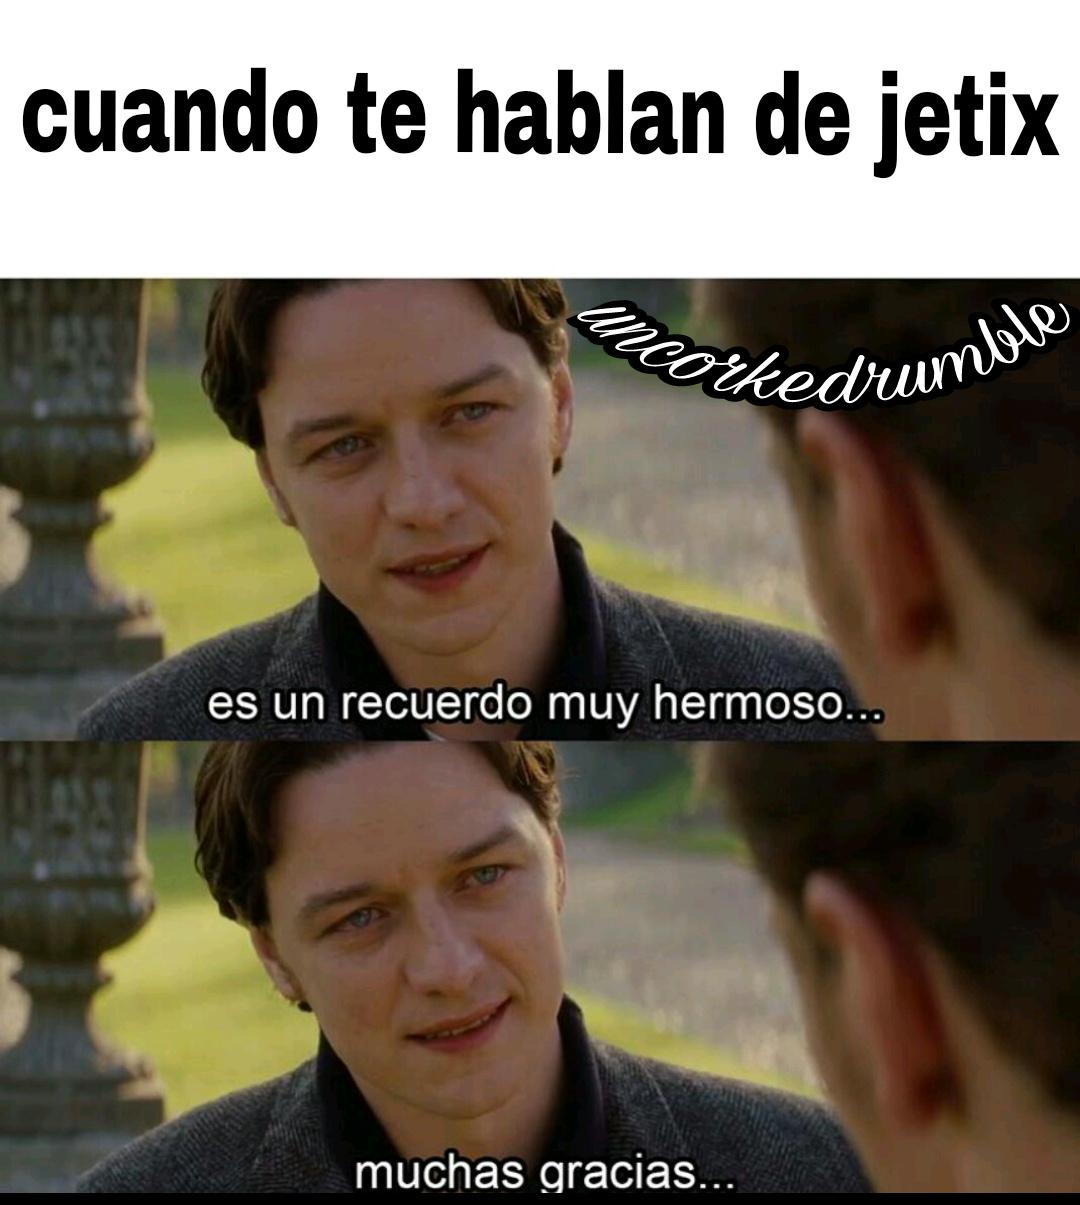 Jetiiiiiiix :'v - meme